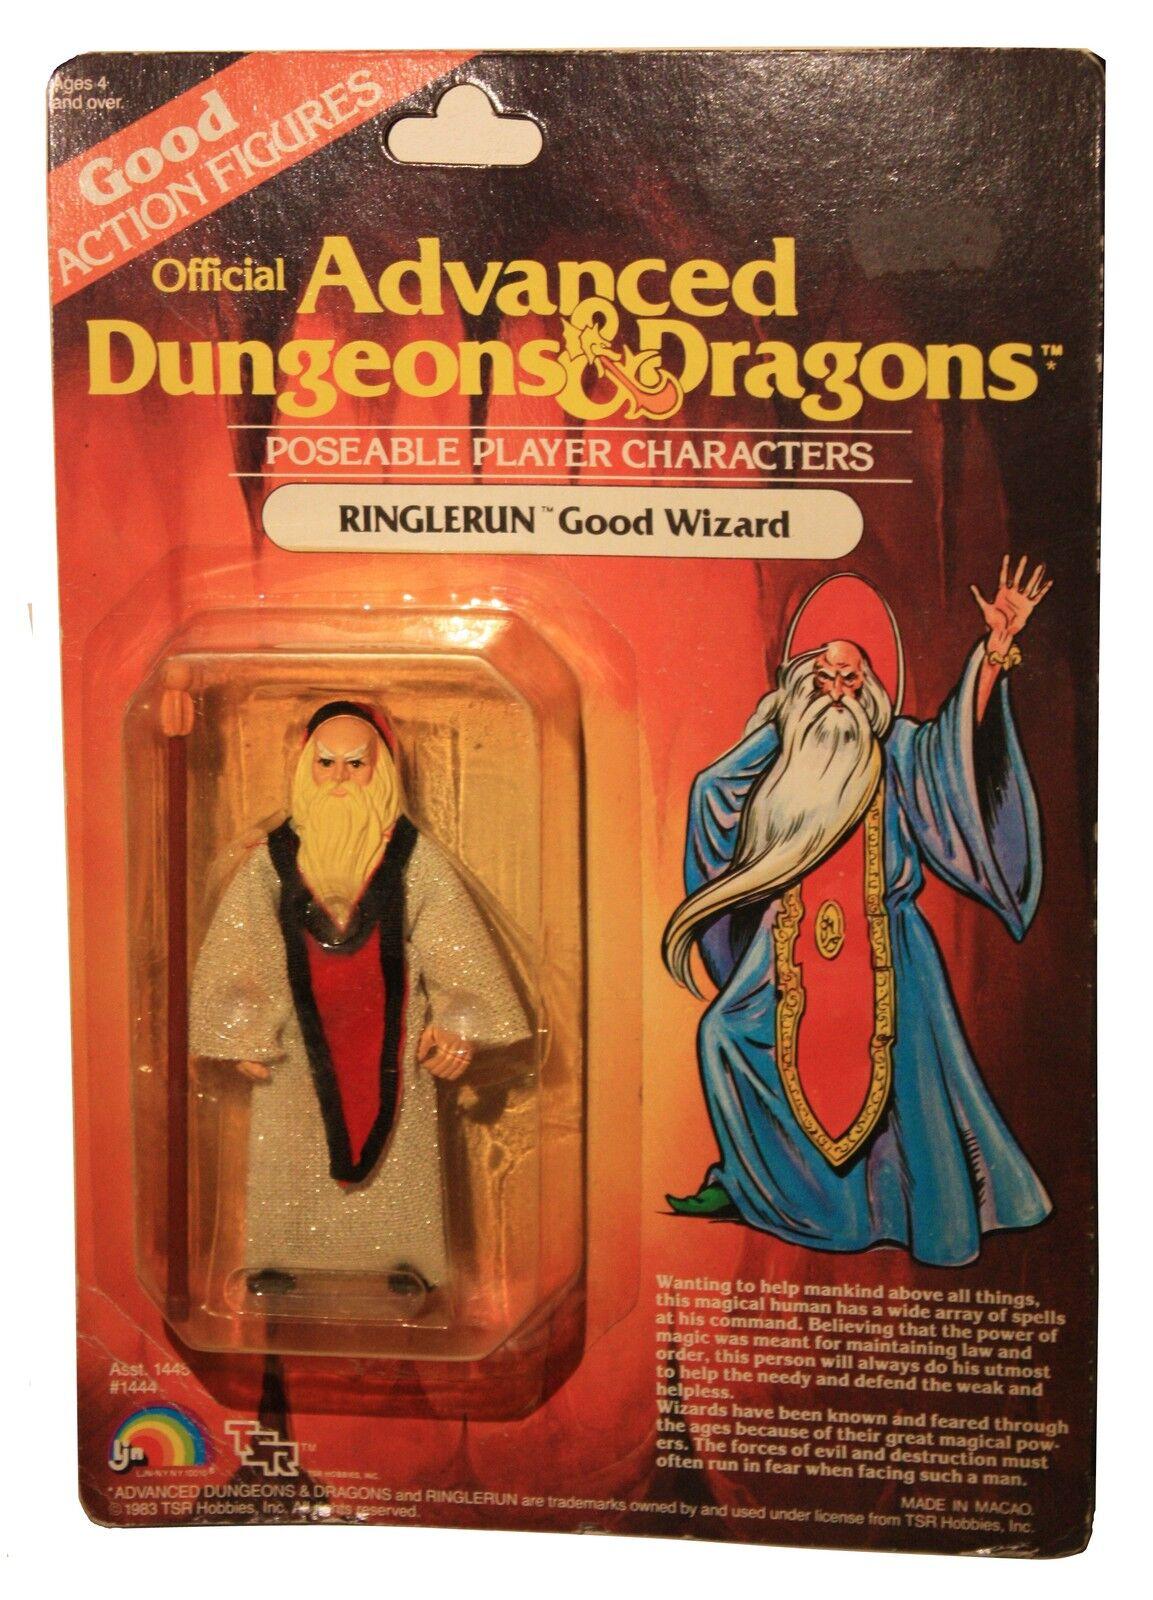 Avancerade Dungeons och drakes -AD &D -RINGLERUN -bra Wizard -Spielerfigur -OVP -Neu